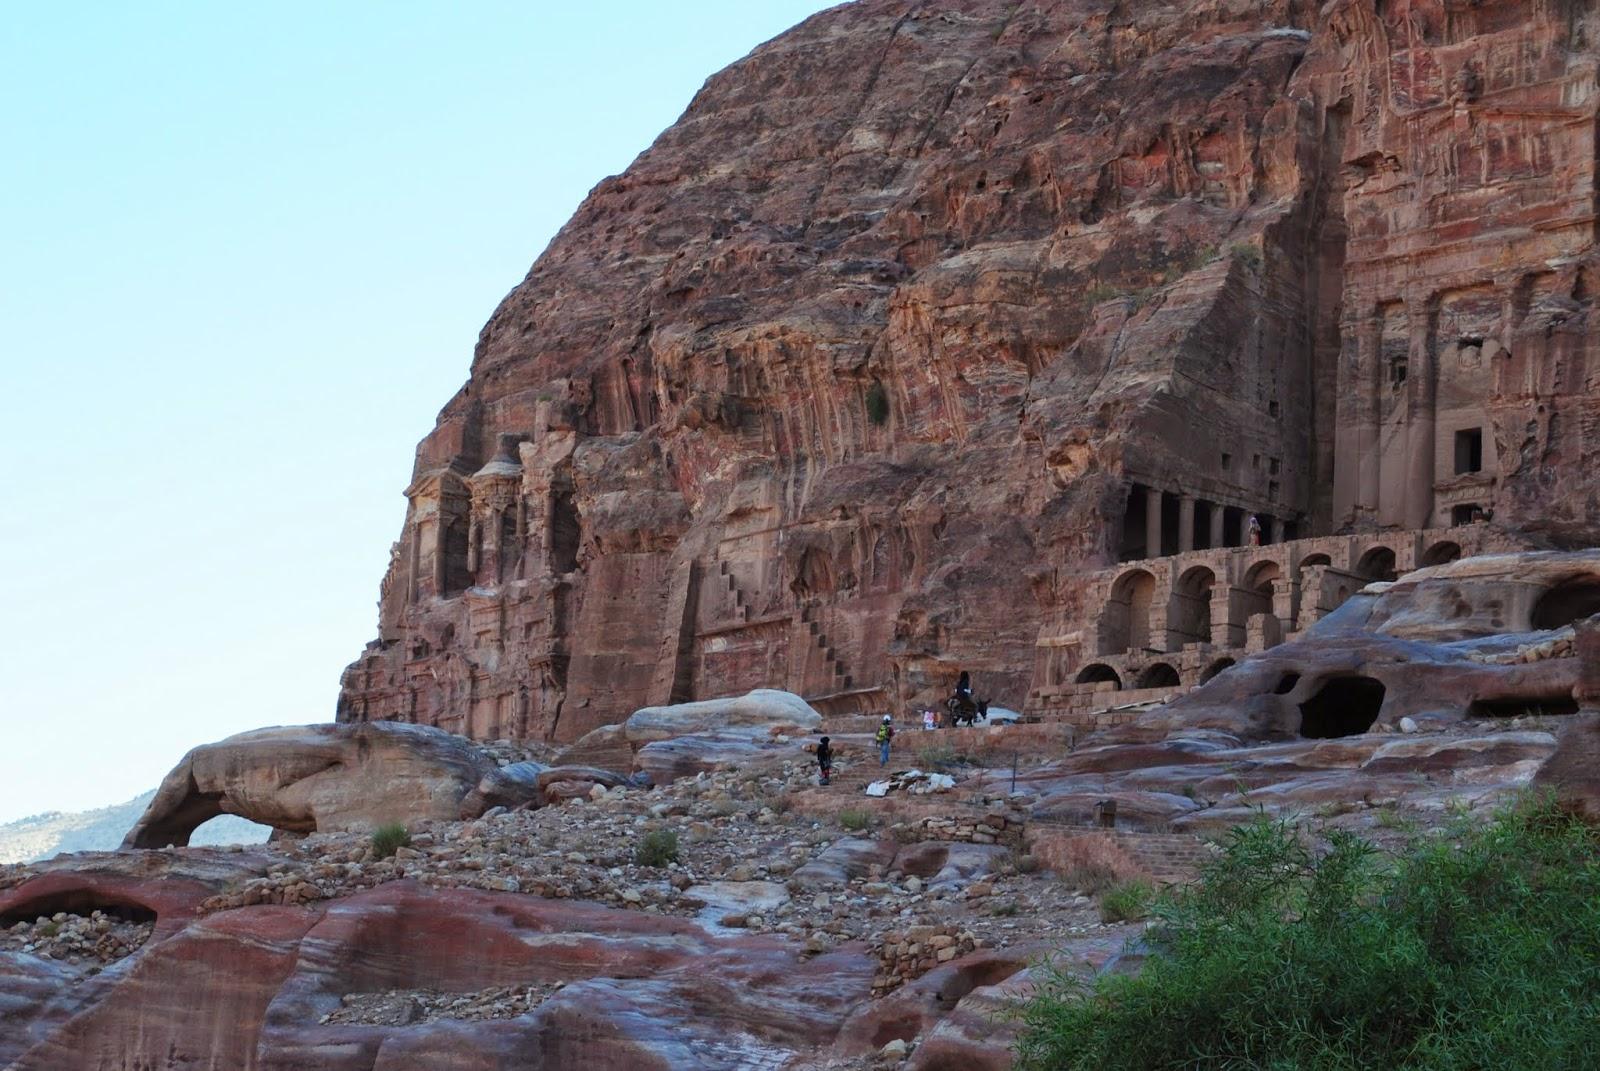 My Photos: Jordan -- Petra -- The Urn Tomb & Royal Tombs